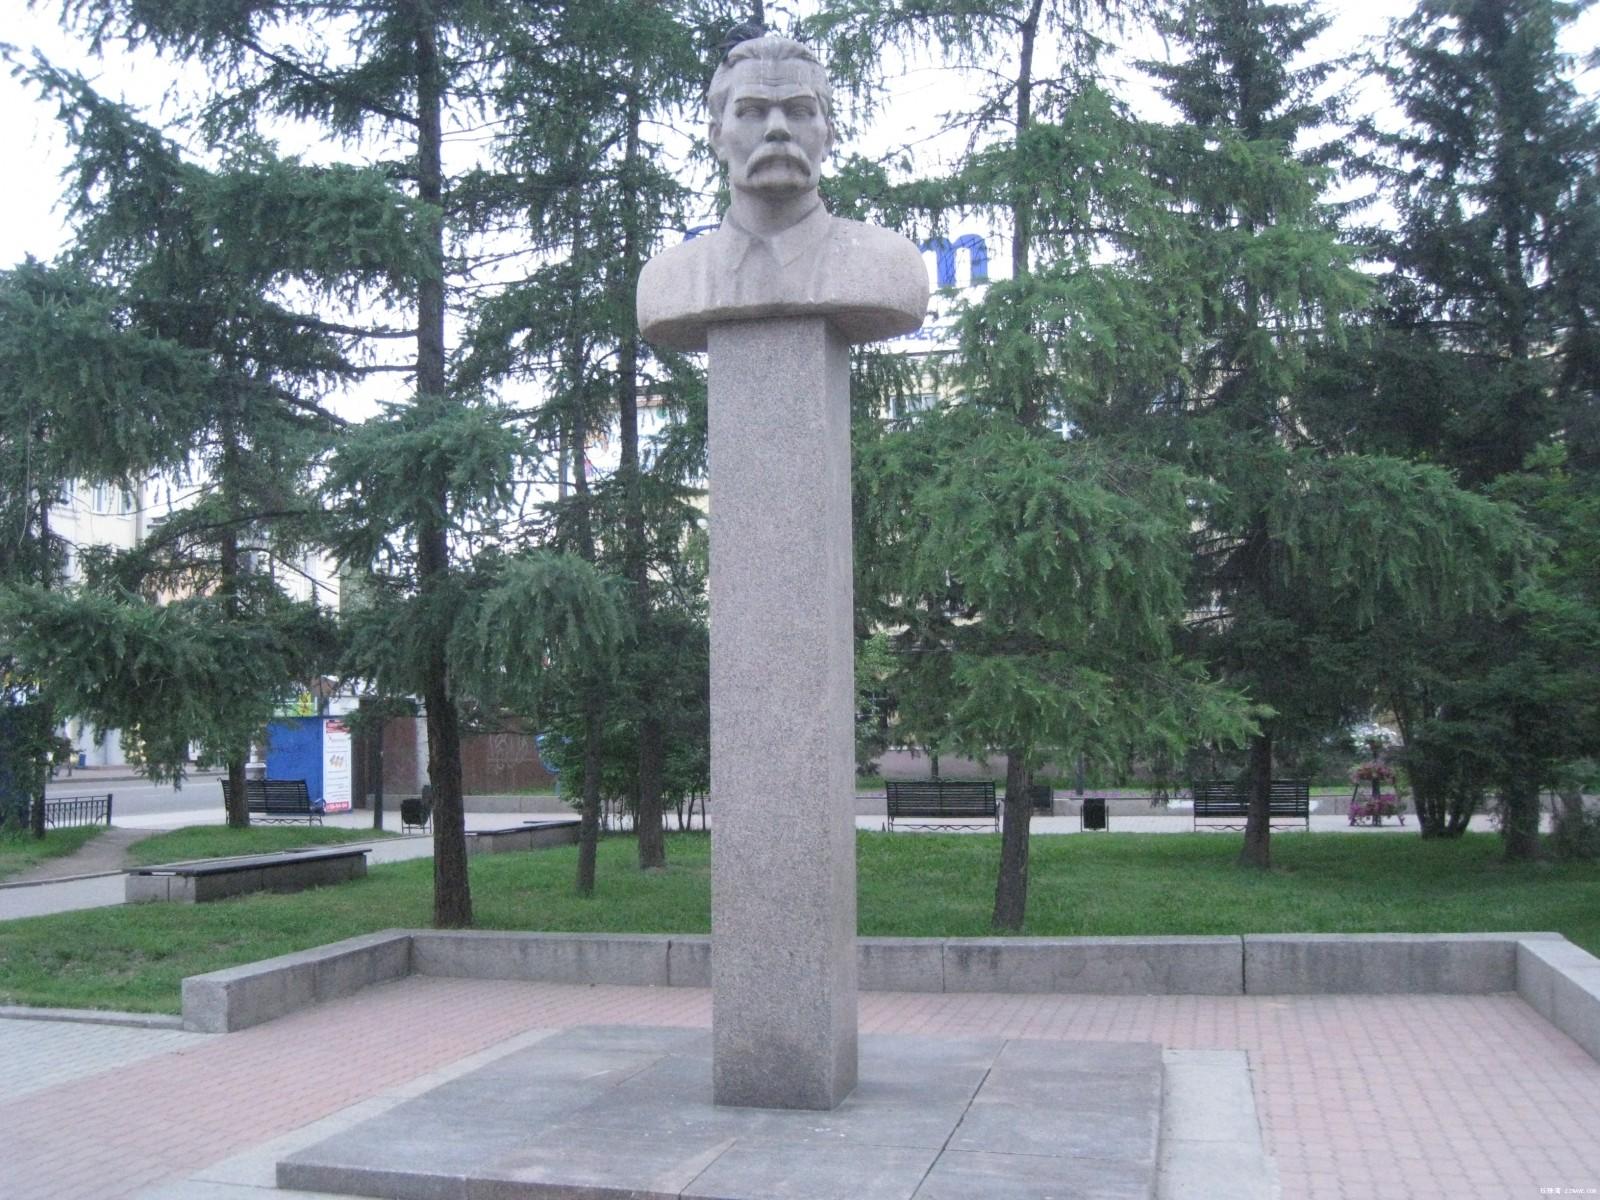 原创:莫斯科地铁及其出站口附近的塑像— 从普希金到卓娅(多图) ... ... - lliiang1017 - 燕山红场的博客